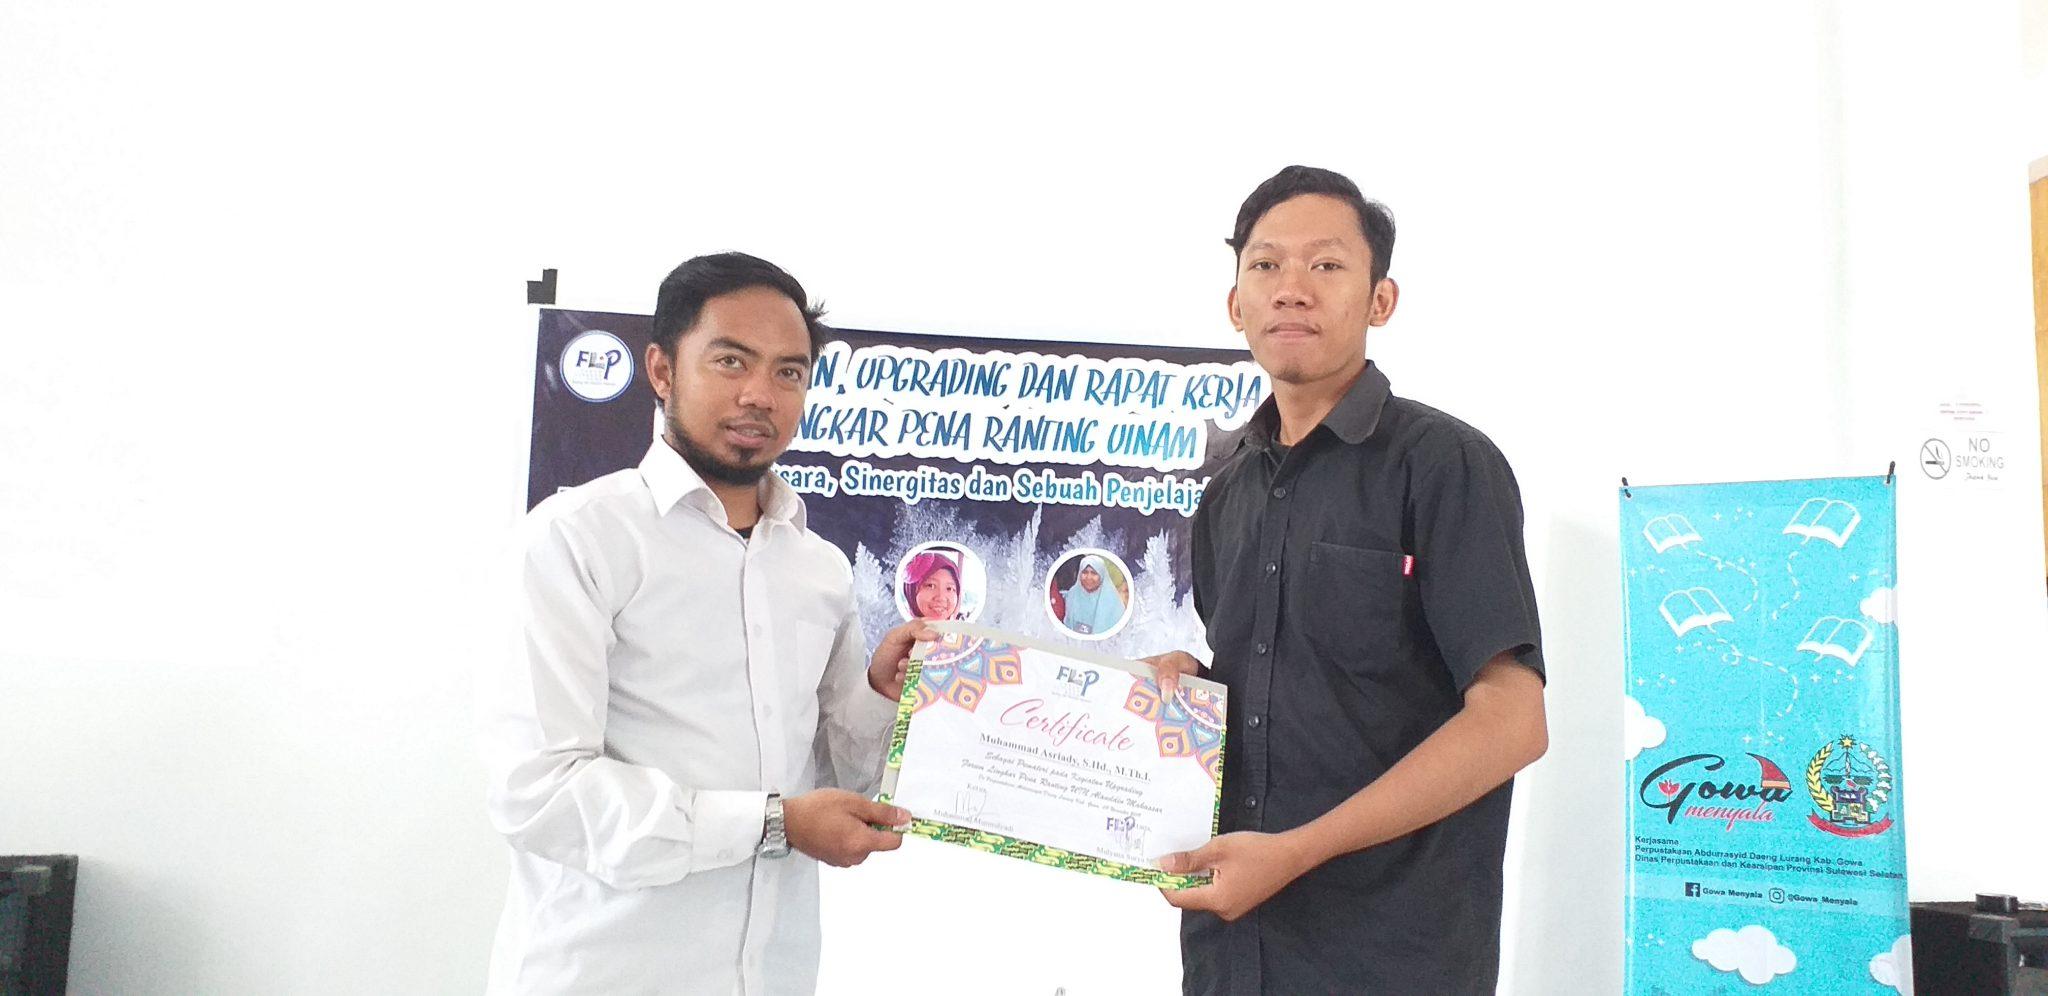 FLP ranting UINAM gelar pelantikan, upgrading dan raker periode 2019-2020